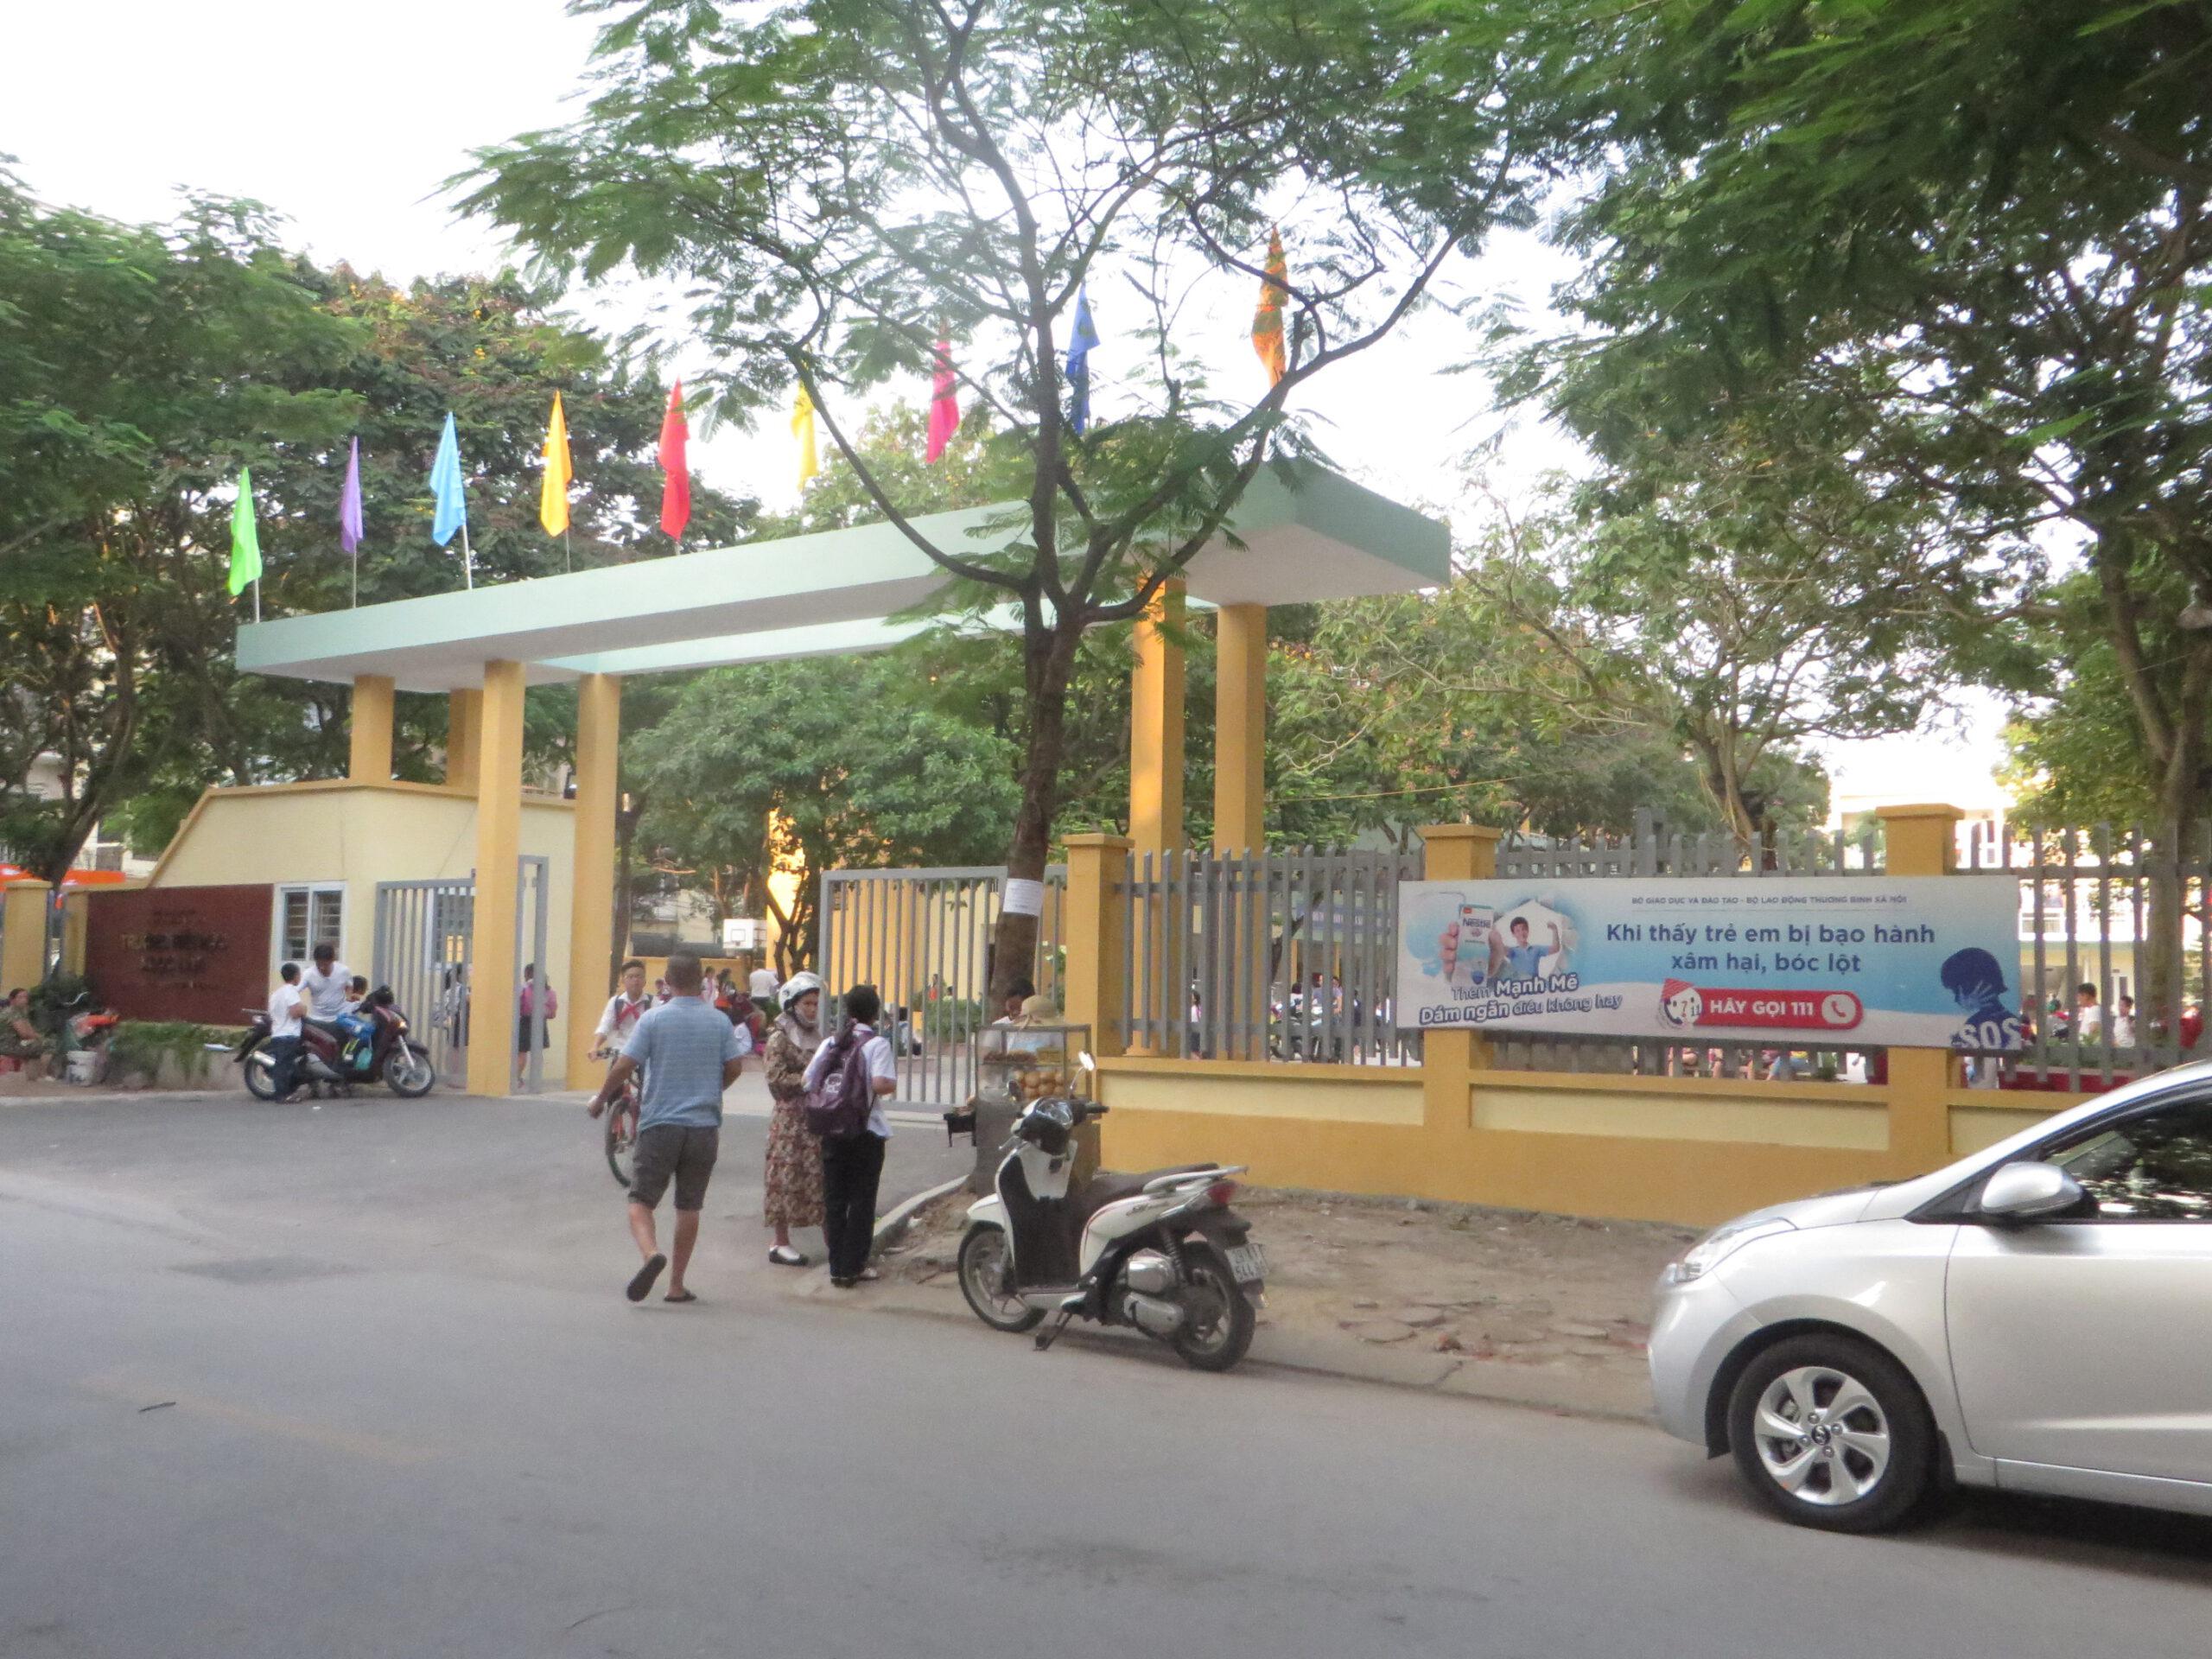 Bảng quảng cáo cổng trường